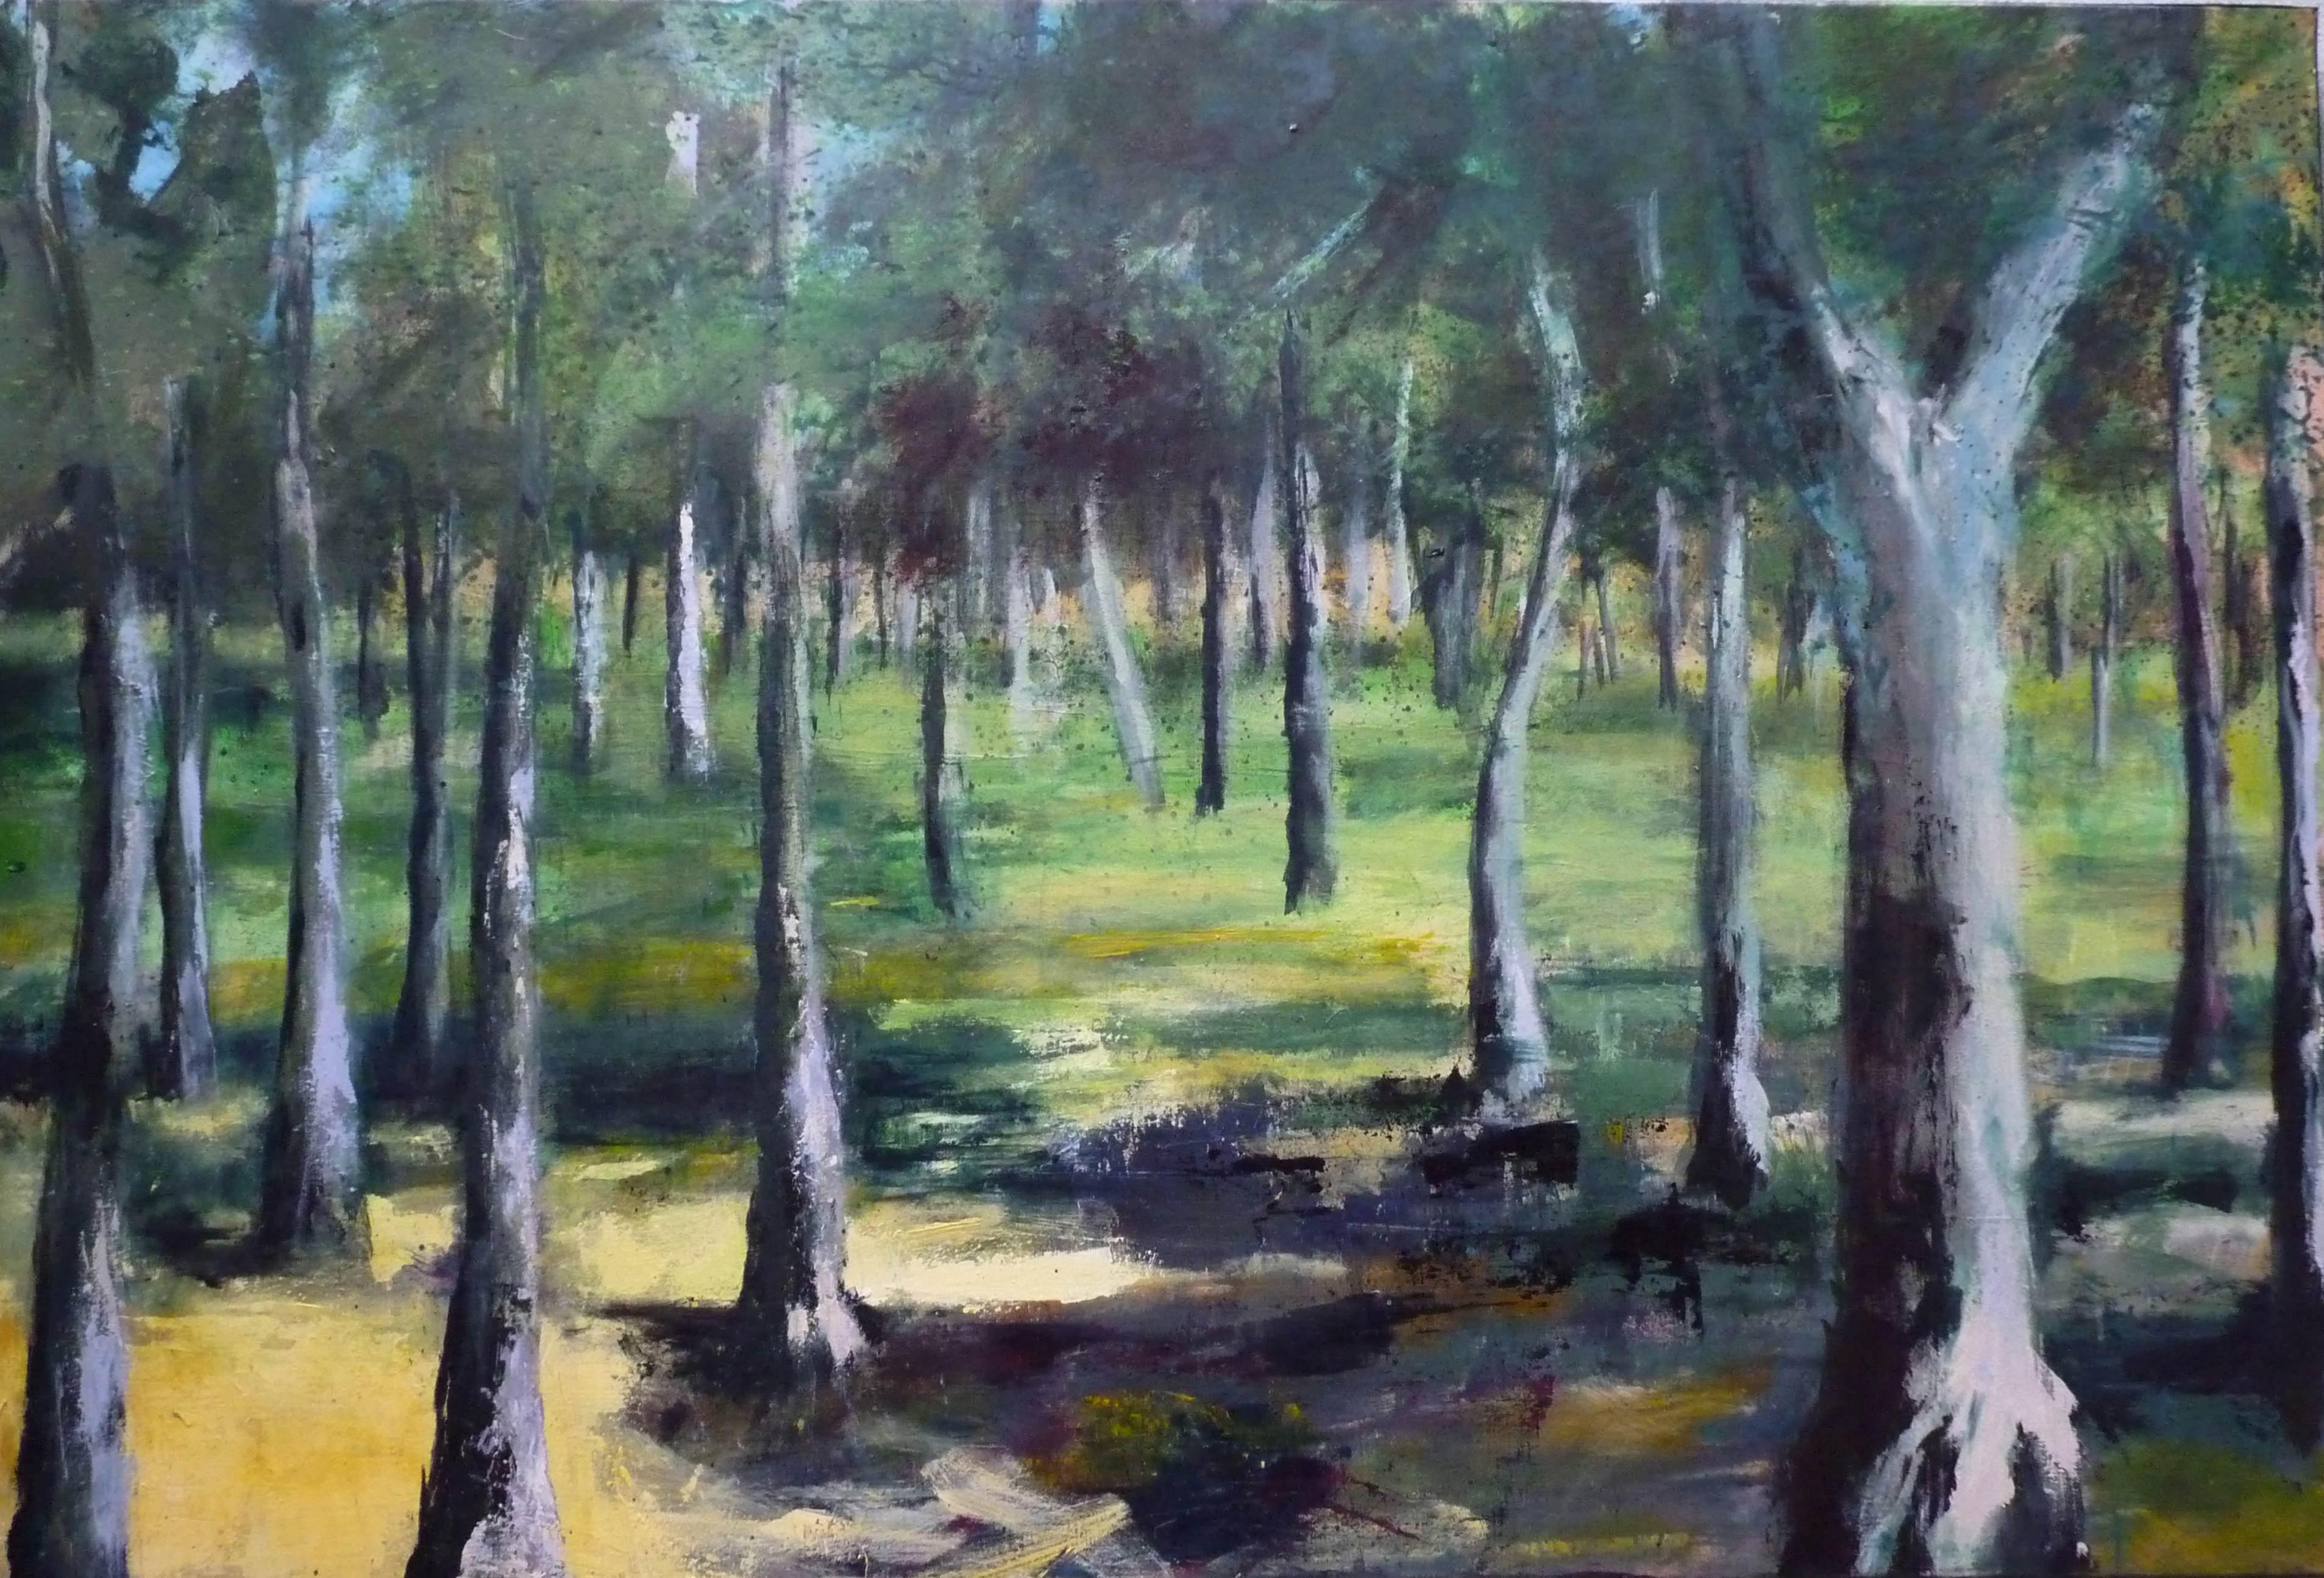 Paysage #6 - Forêt mystérieuse - Acrylique sur toile - H100 cm * L150 cm